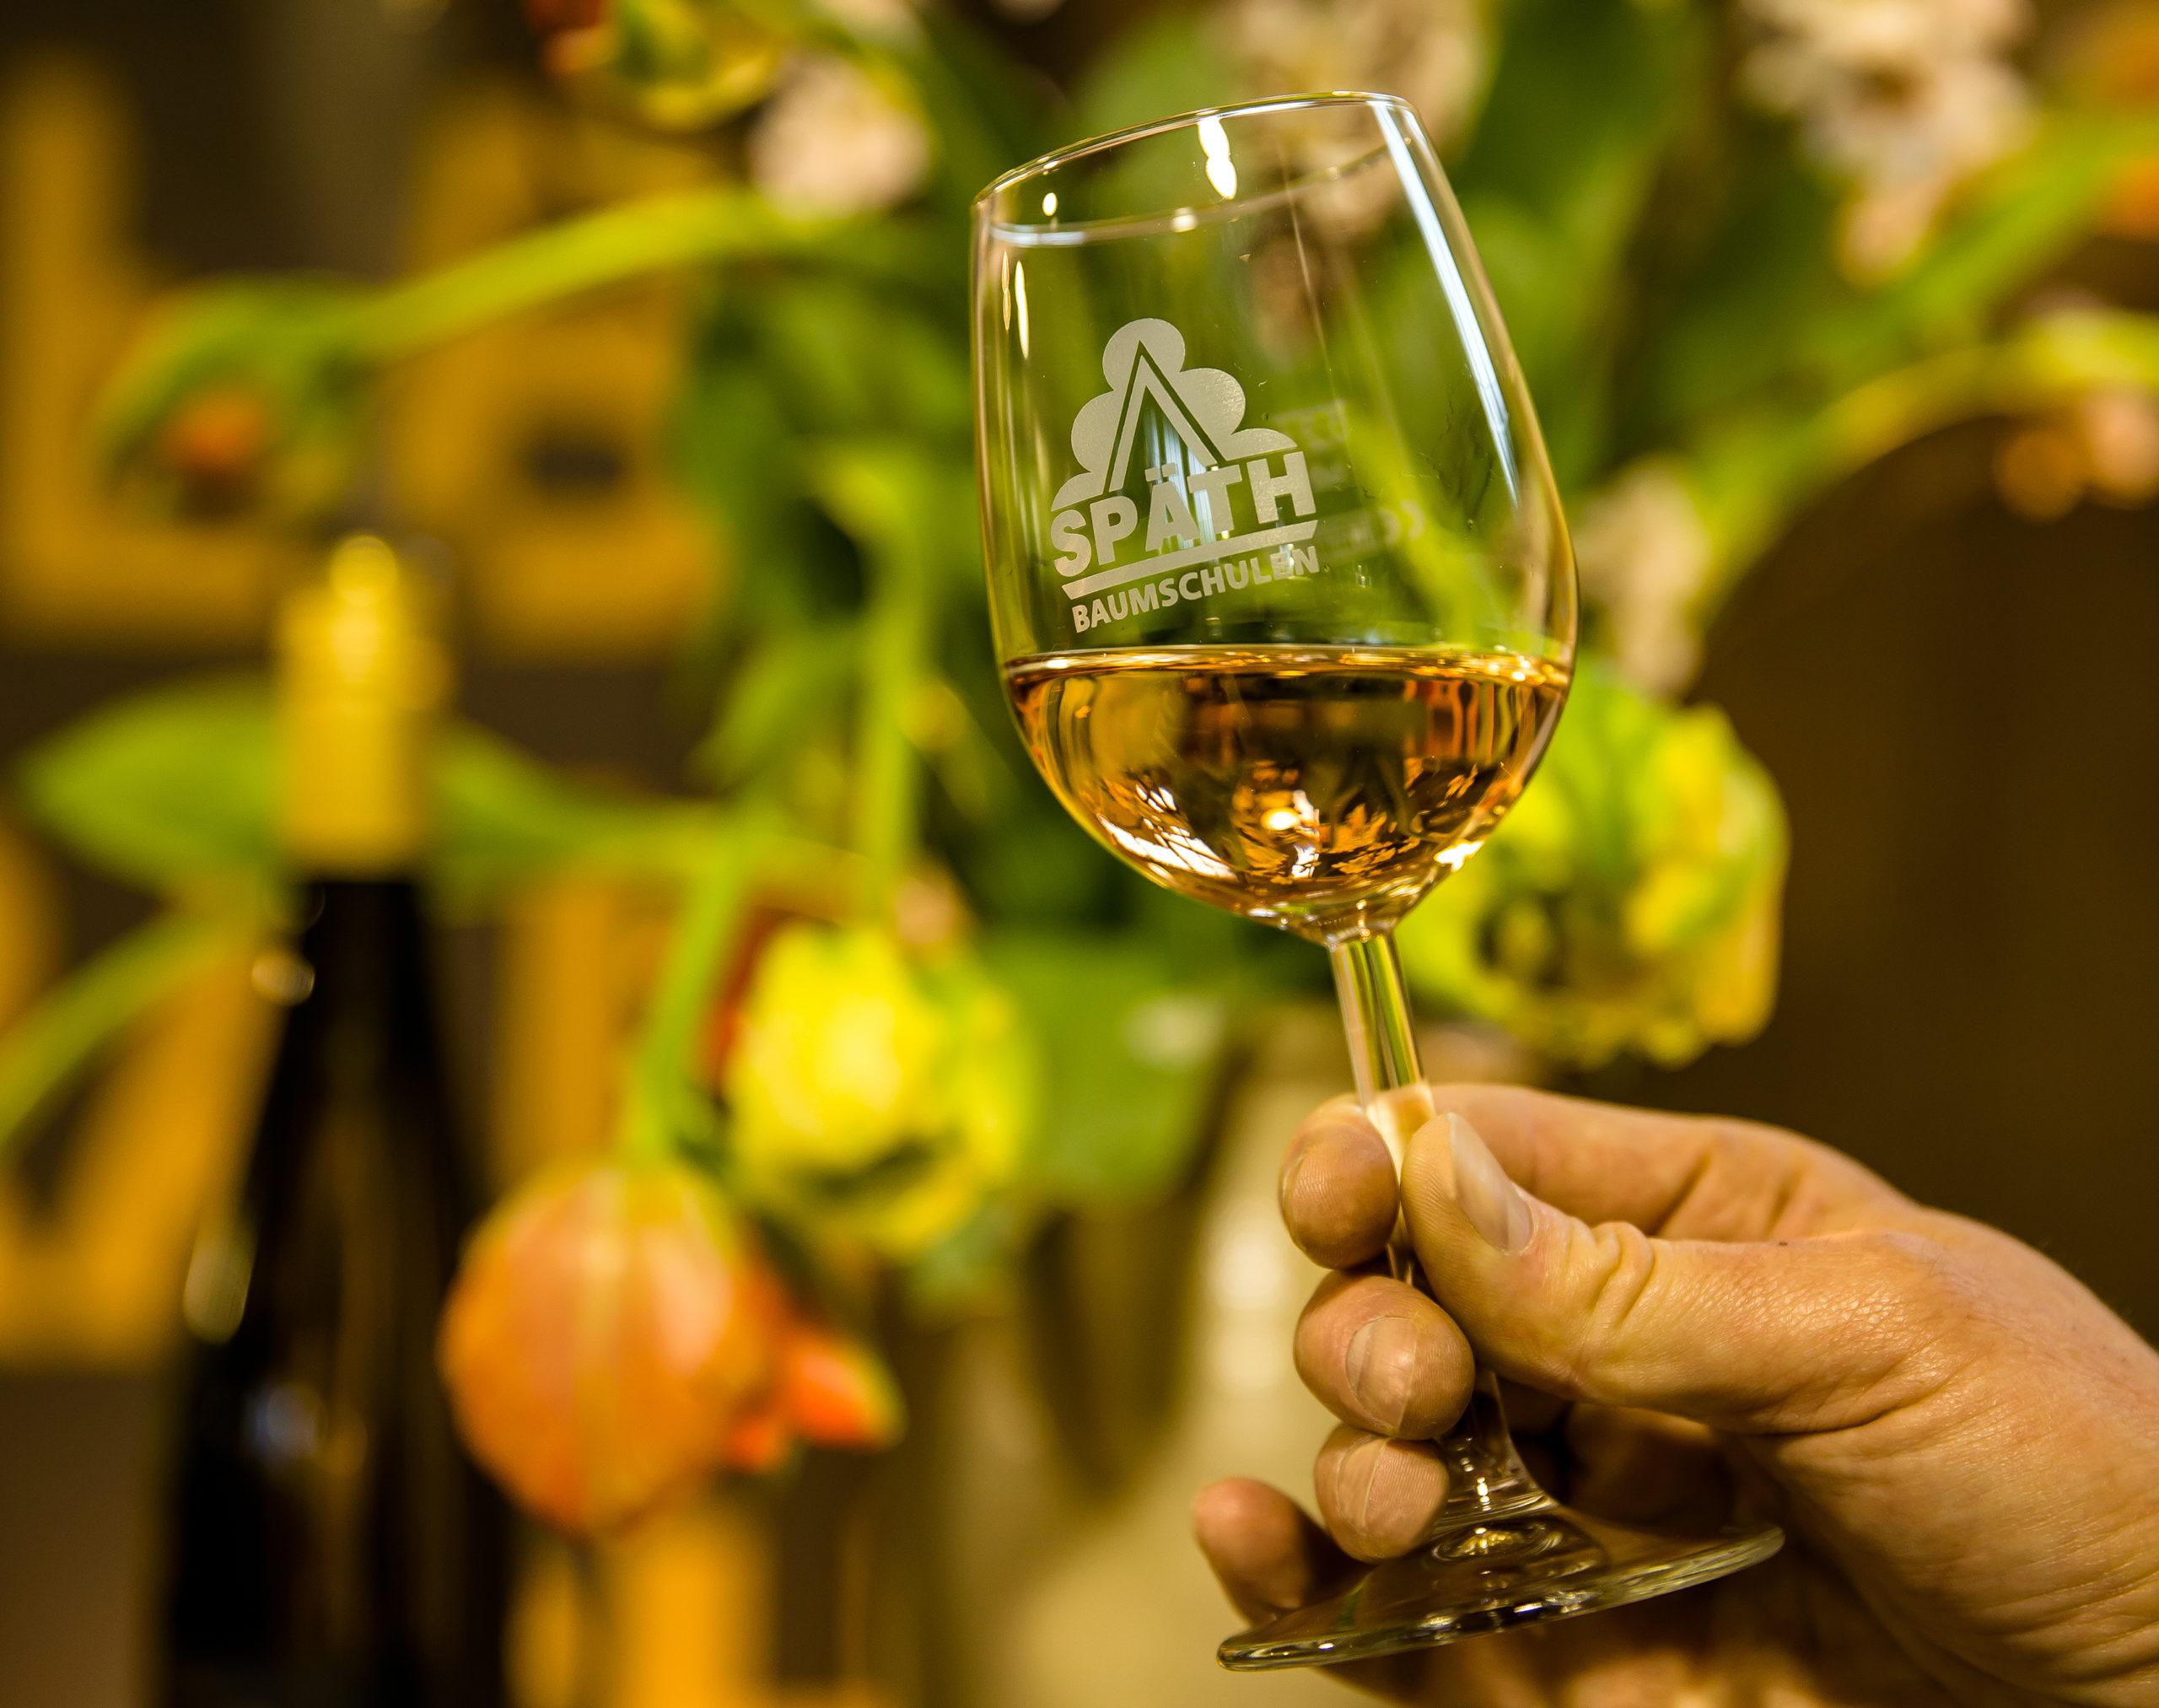 Weißwein im Weinglas mit Späth-Logo